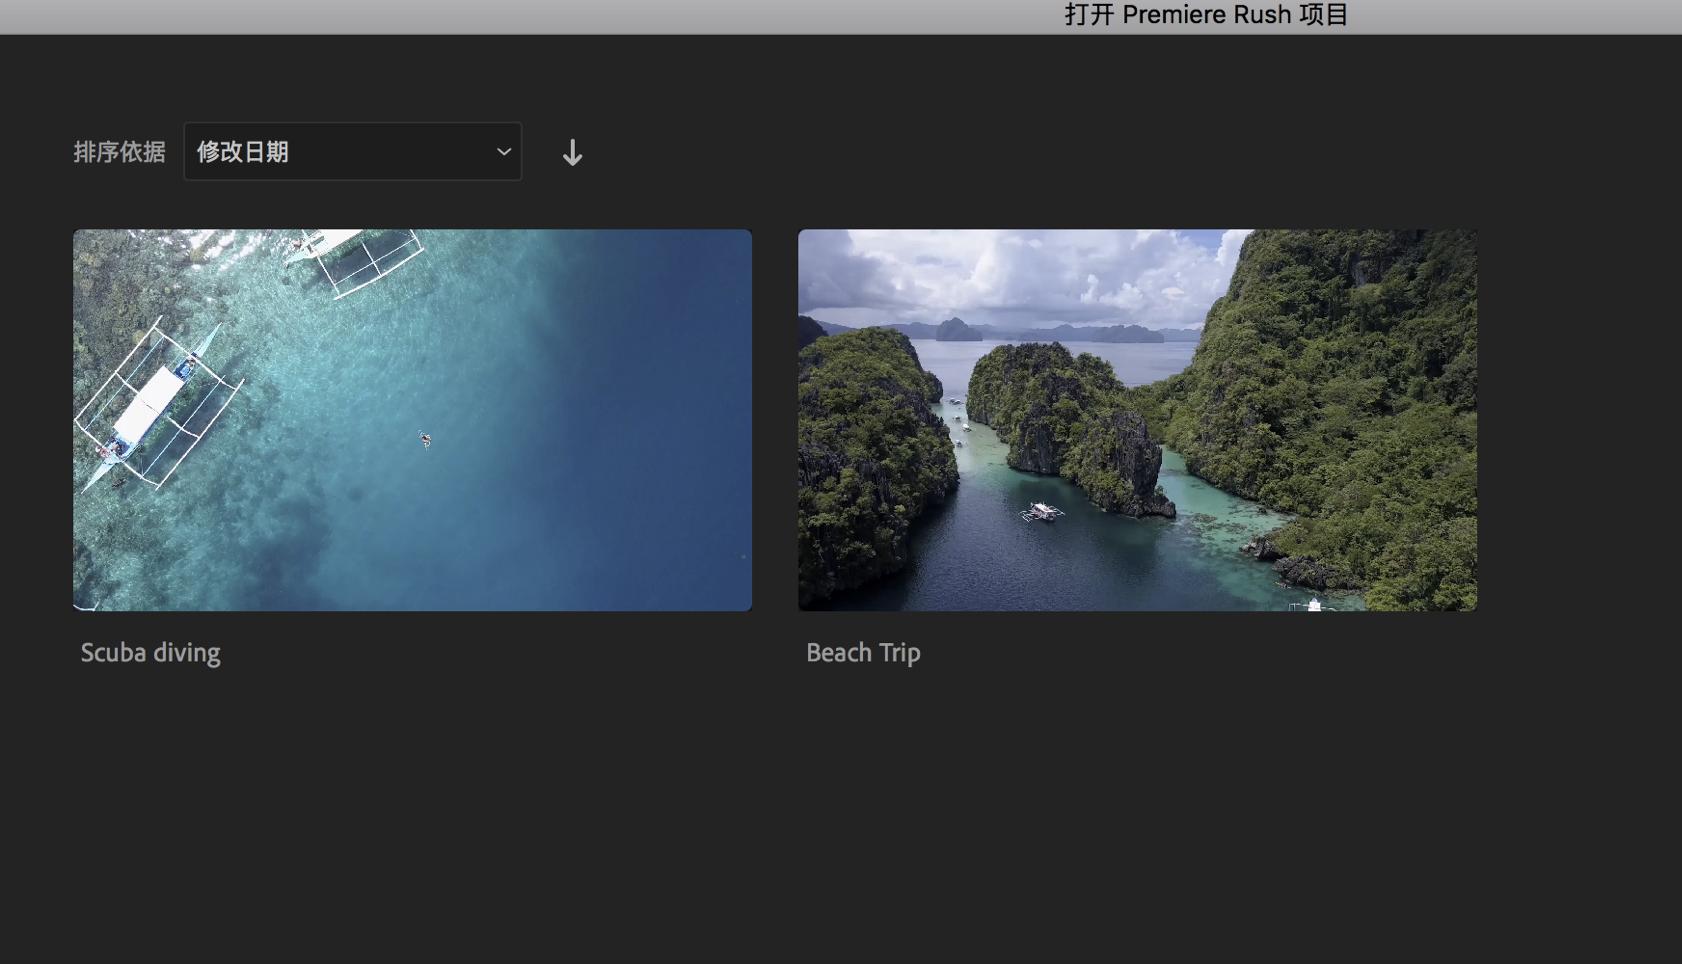 如何在 Premiere Pro 中打开并编辑 Premiere Rush 项目(模板)-MOGRT